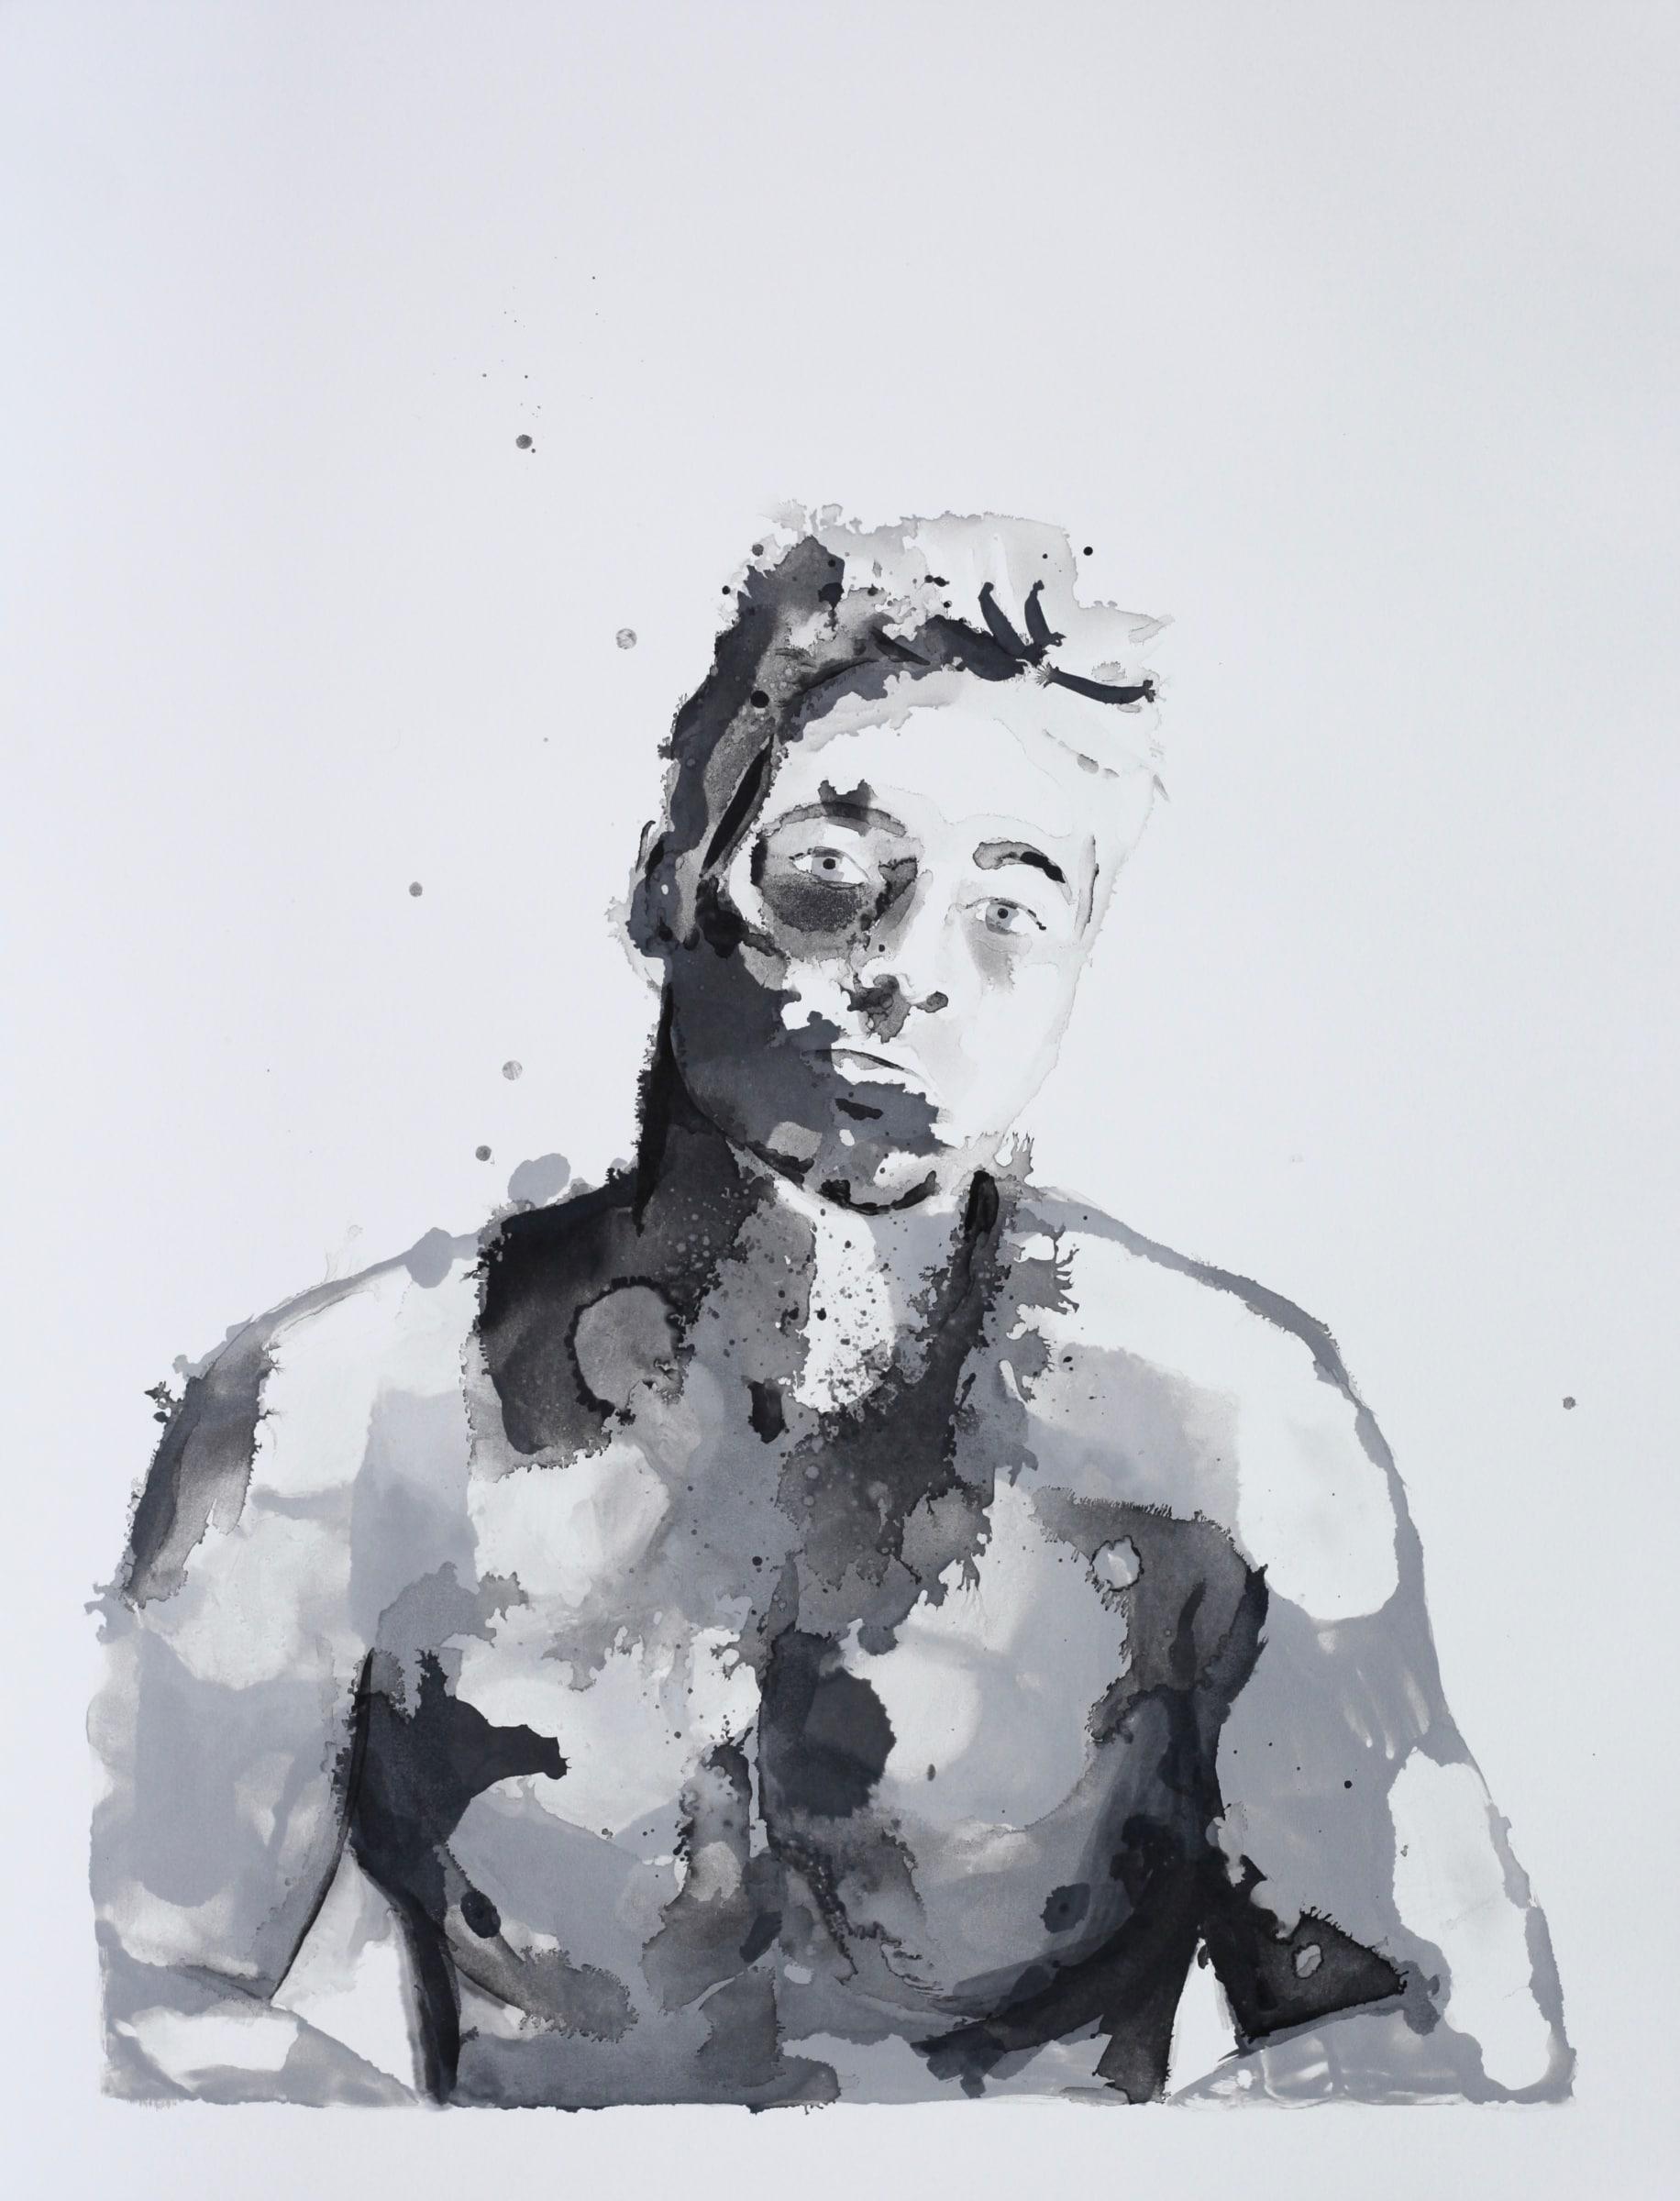 <span class=&#34;link fancybox-details-link&#34;><a href=&#34;/artworks/categories/86/3098-craig-cameron-mackintosh-shane-2016/&#34;>View Detail Page</a></span><div class=&#34;artist&#34;><strong>Craig Cameron-Mackintosh</strong></div> <div class=&#34;title&#34;><em>Shane</em>, 2016</div> <div class=&#34;medium&#34;>Monotype On Arches Johannot Paper</div> <div class=&#34;dimensions&#34;>65cm x 50cm</div><div class=&#34;price&#34;>R4,600.00</div>